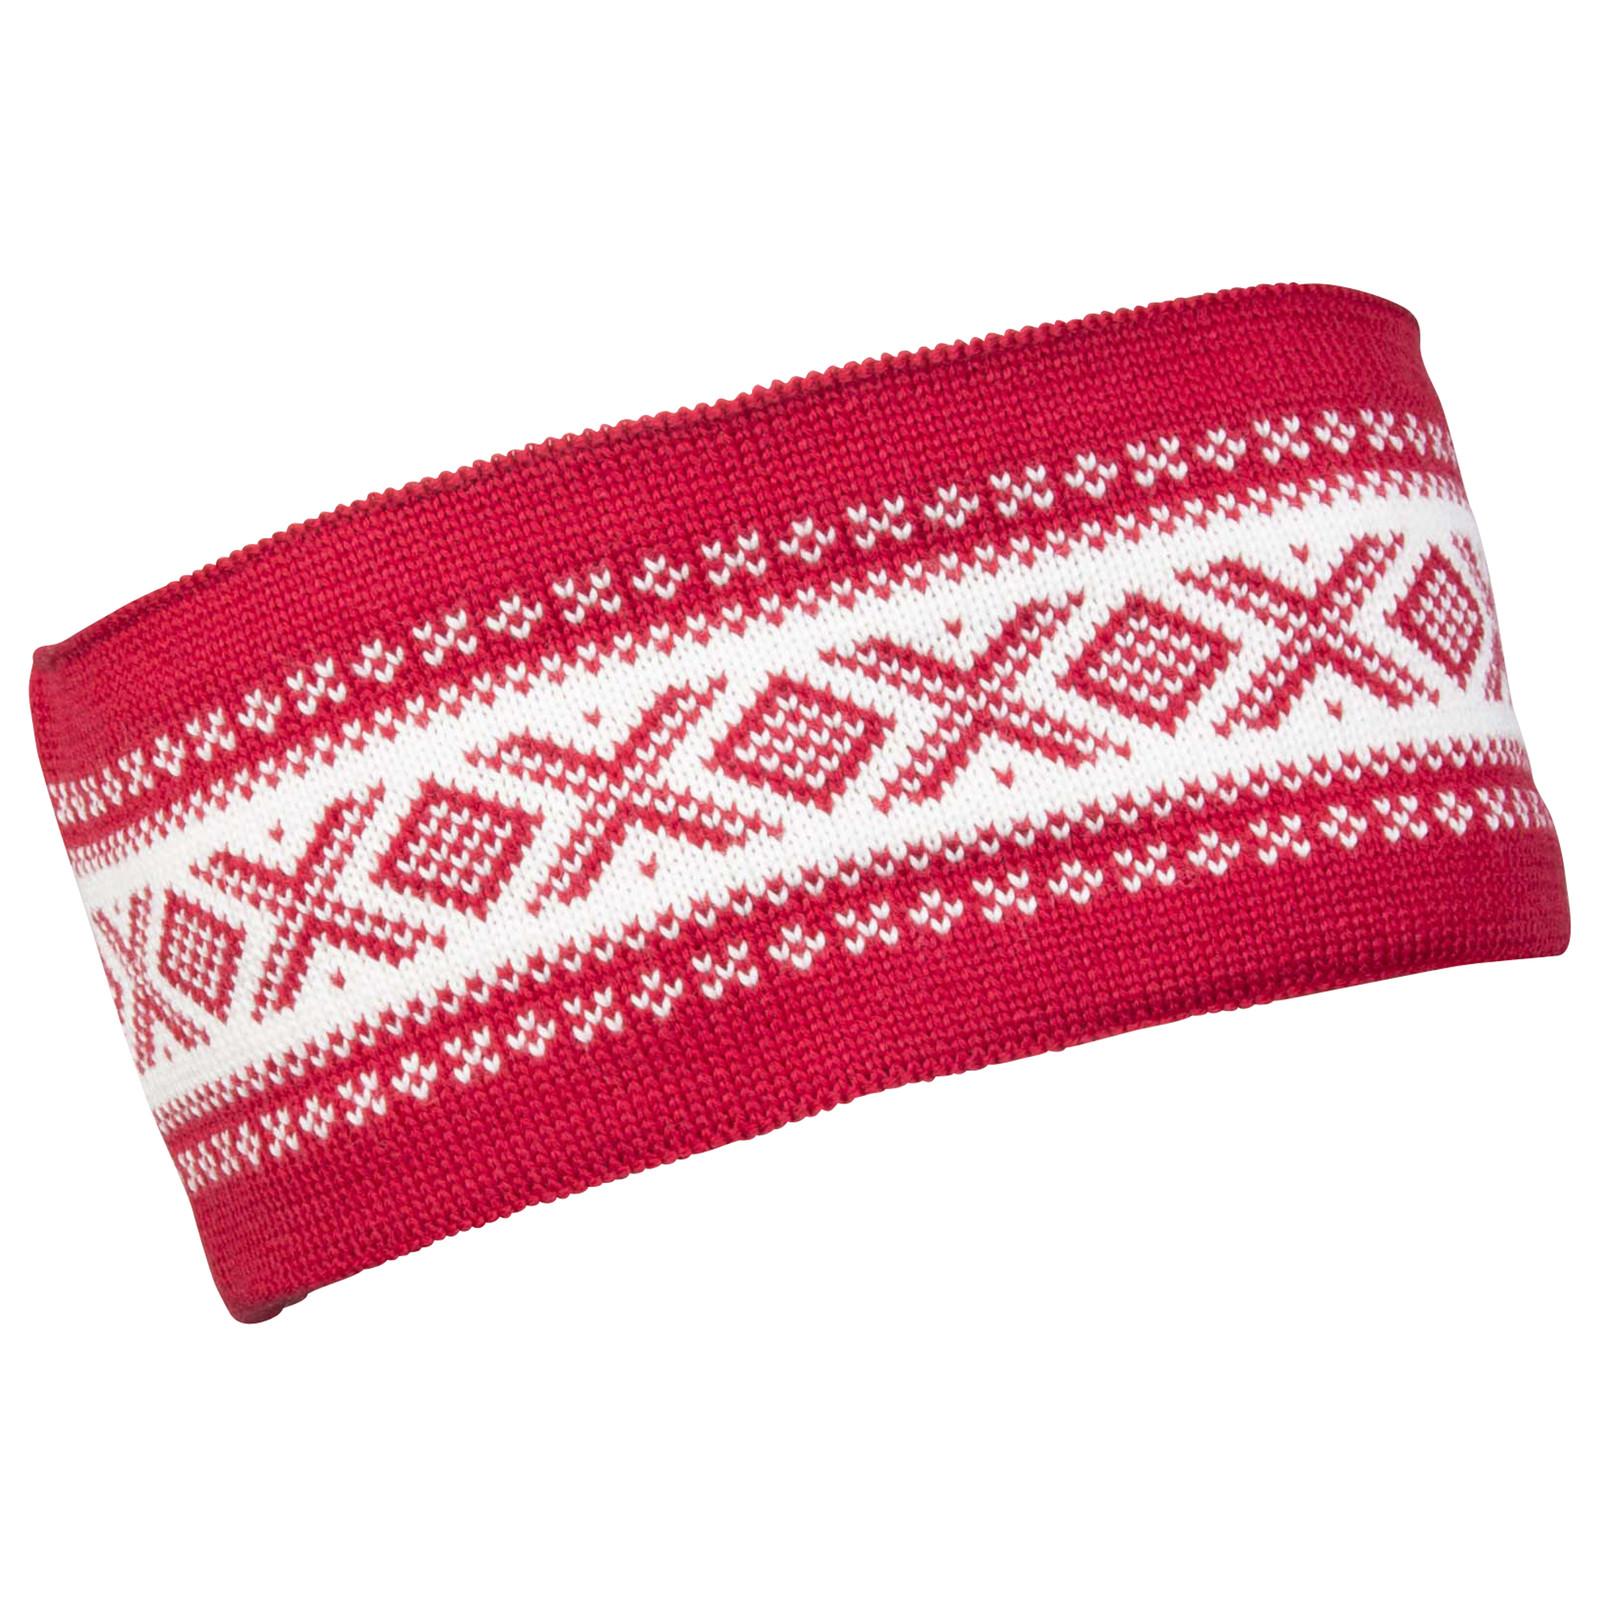 Dale of Norway Cortina Merino headband, Raspberry/Off-White, 26021-B